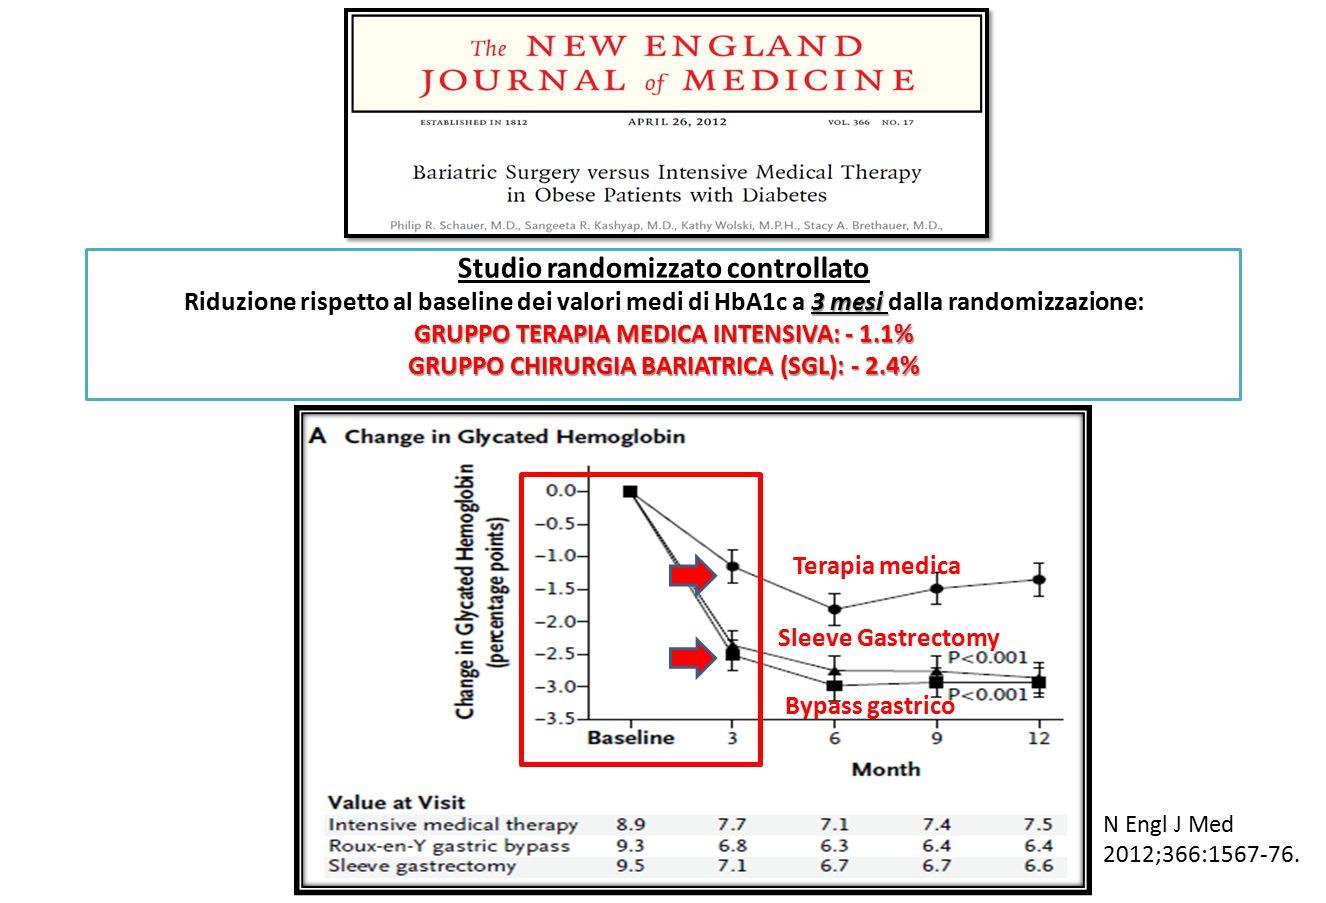 OBIETTIVO DELLO STUDIO Confrontare efficacia della terapia medica convenzionale (TMC) versus chirurgia bariatrica in pazienti obesi (BMI 30-42 Kg/m2) con recente diagnosi (<8 mesi) di DMT2 in termini di: Risoluzione biochimica e remissione del DMT2Risoluzione biochimica e remissione del DMT2 Perdita di pesoPerdita di peso Qualità della vitaQualità della vita